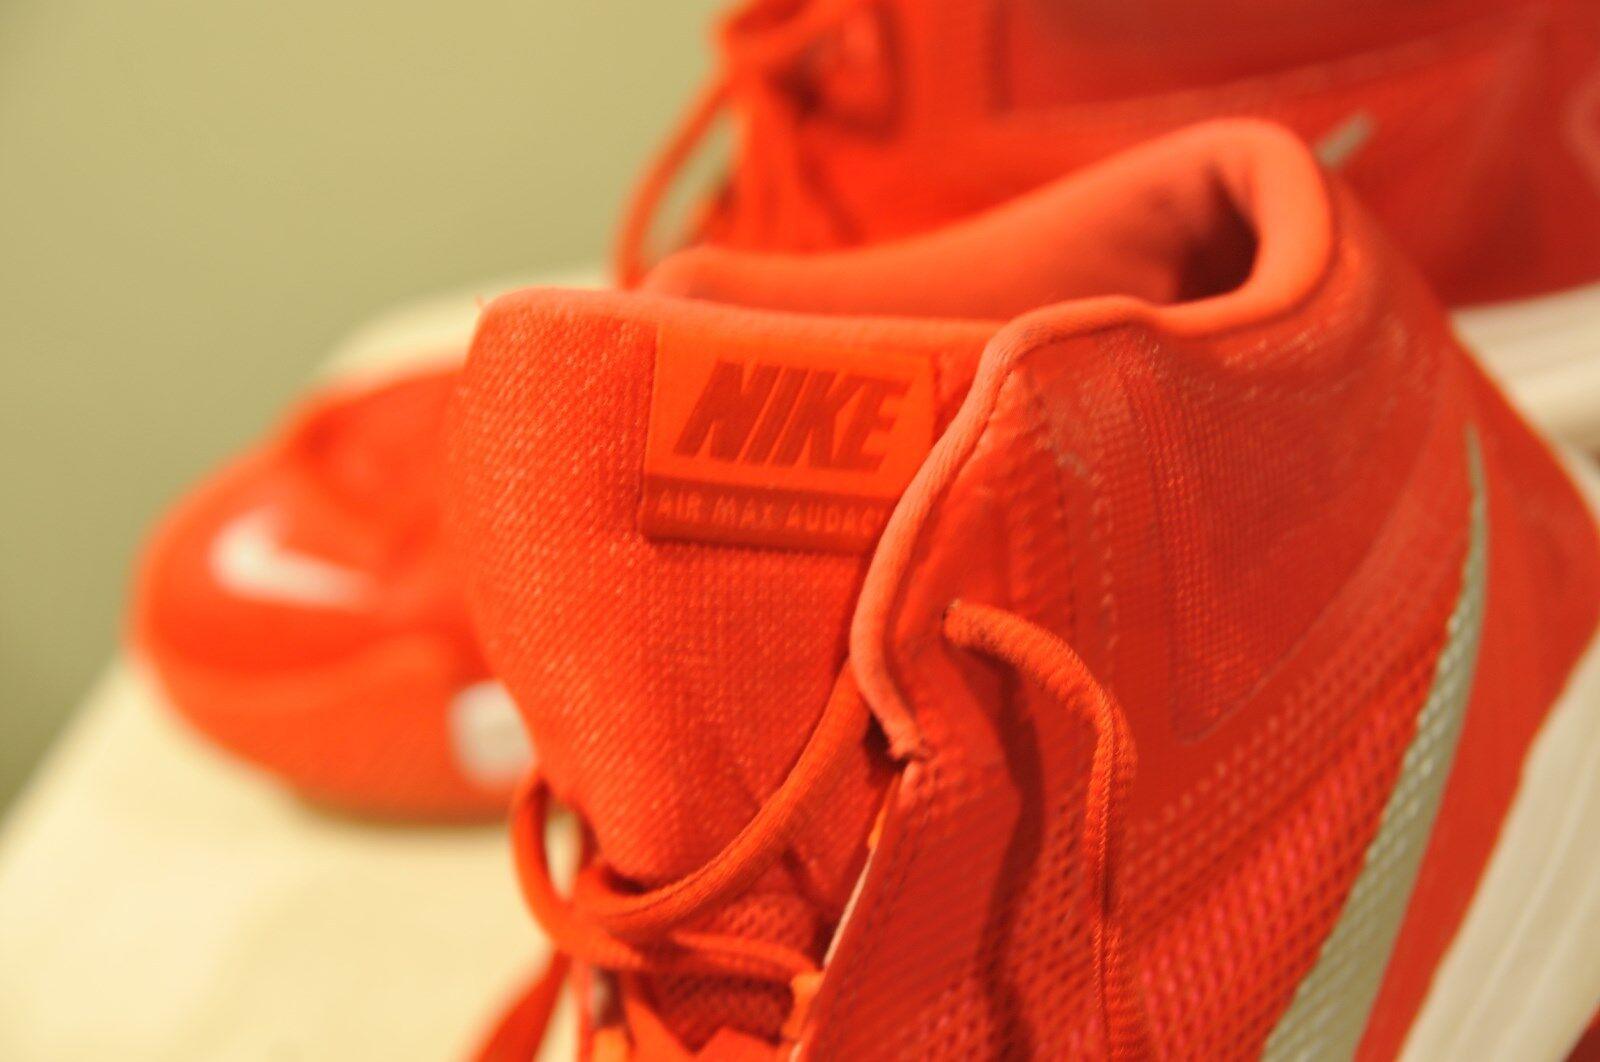 nike air max 749166-601 rosso audicity scarpe possedeva dimensioni 11,5 11,5 11,5 excellen pre - uomini | Prodotti di alta qualità  | Ottima classificazione  | Tocco confortevole  | Sig/Sig Ra Scarpa  049bd4